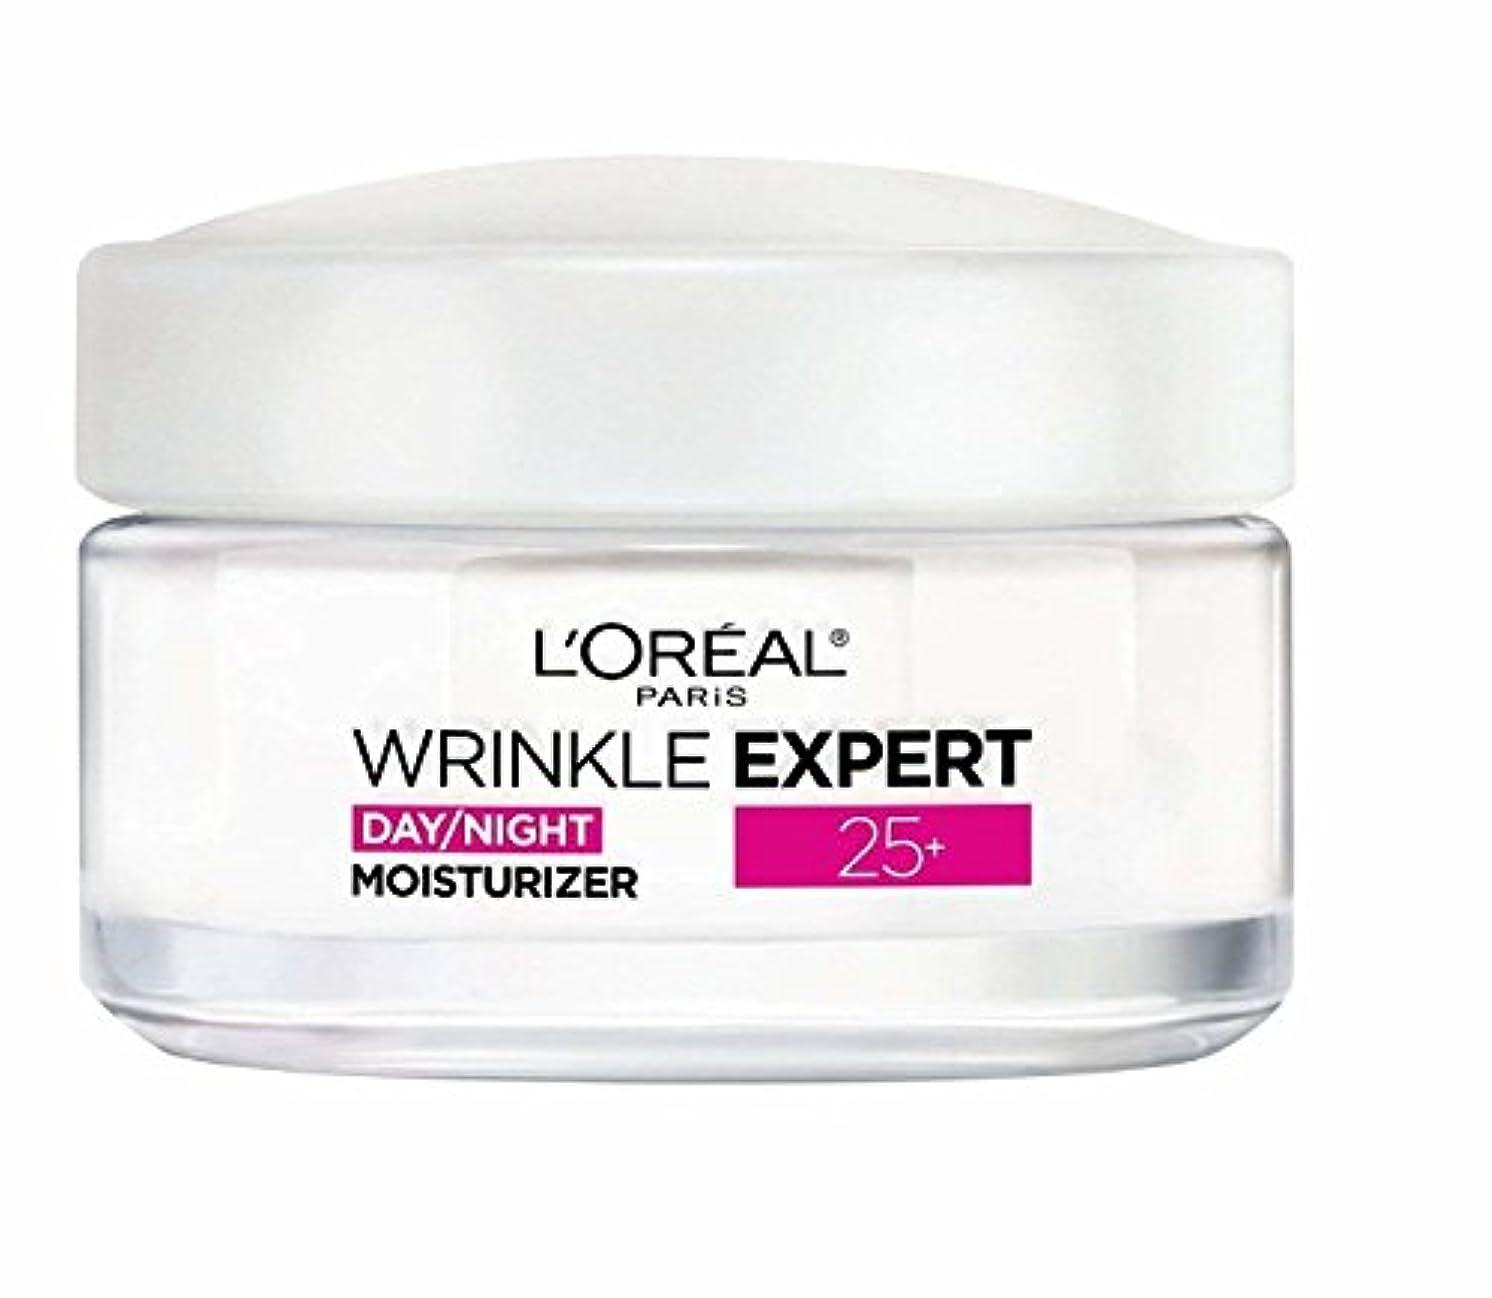 軍スケッチ止まるロレアル Wrinkle Expert 25+ Day/Night Moisturizer 50ml/1.7oz並行輸入品